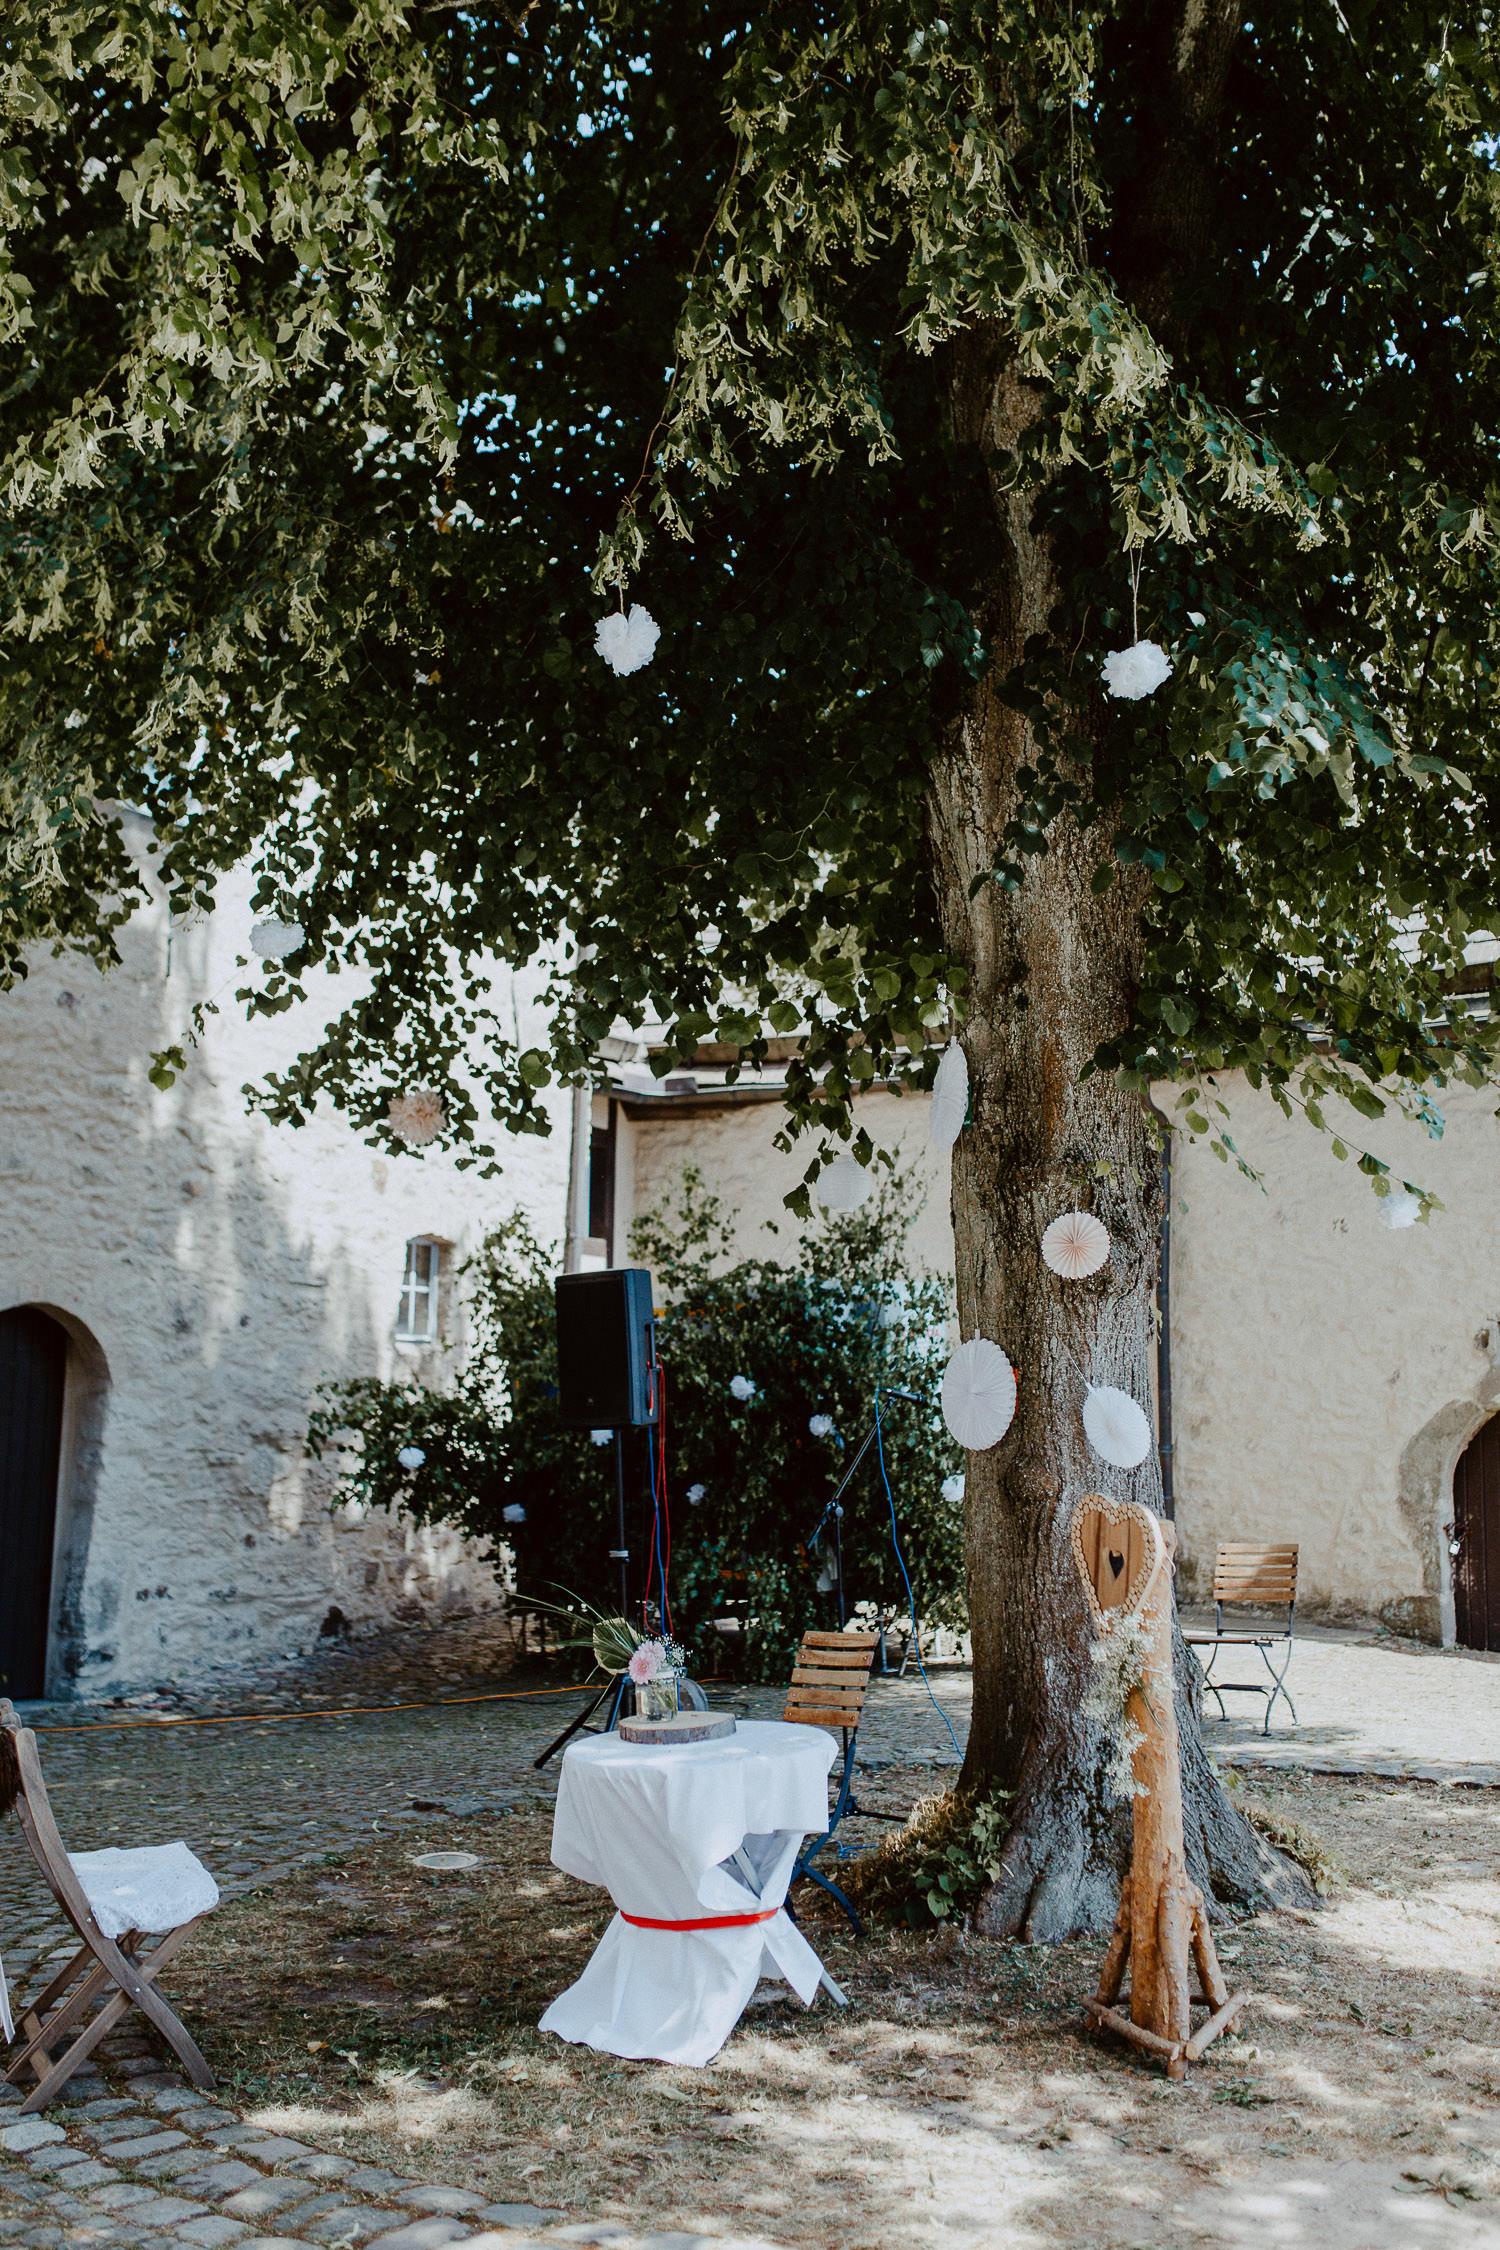 Burghof mit Baum und Hochzeitsstühlen auf Burg Sternberg